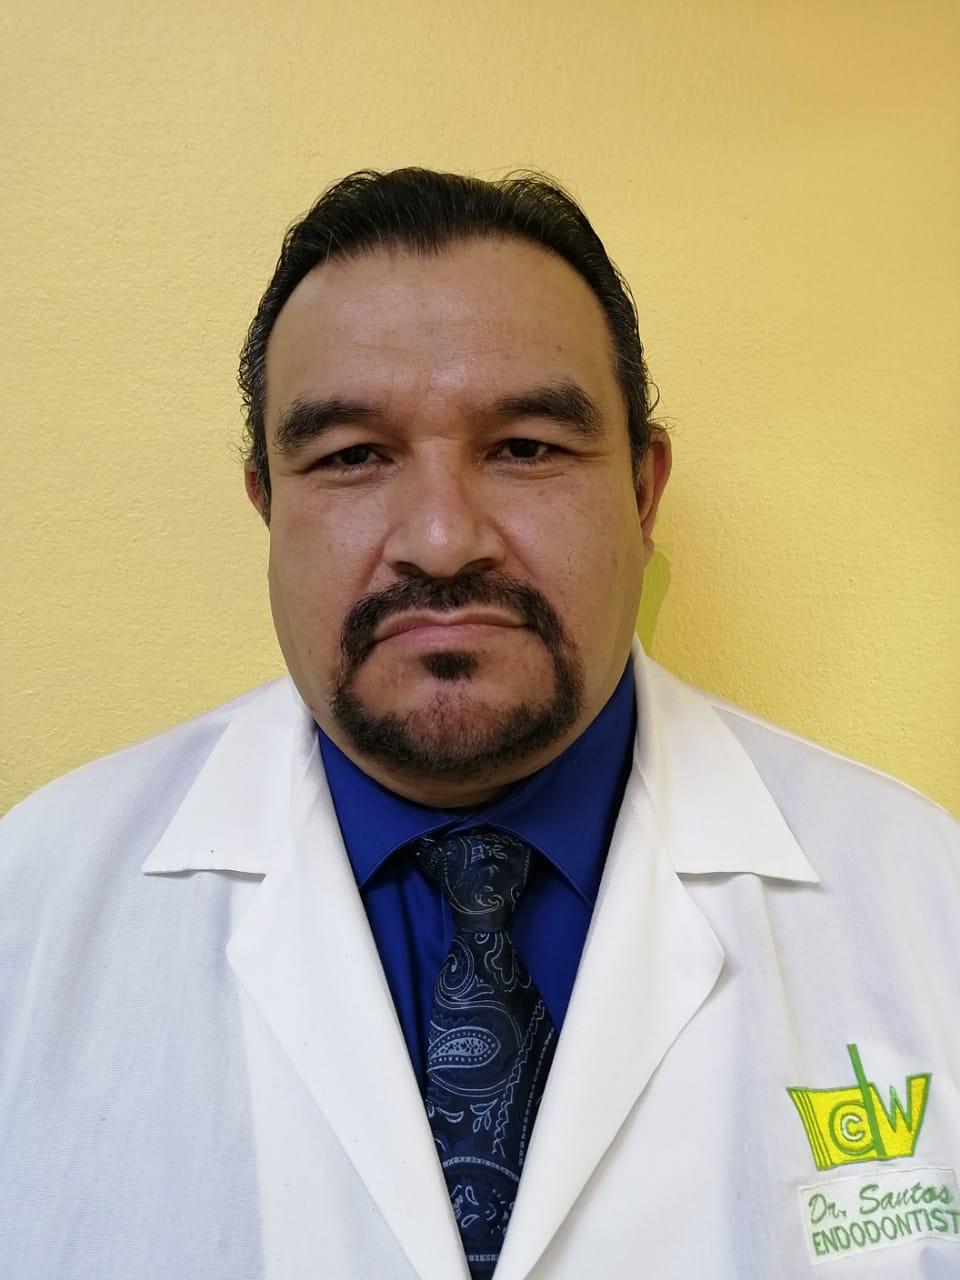 Ricardo Santos image